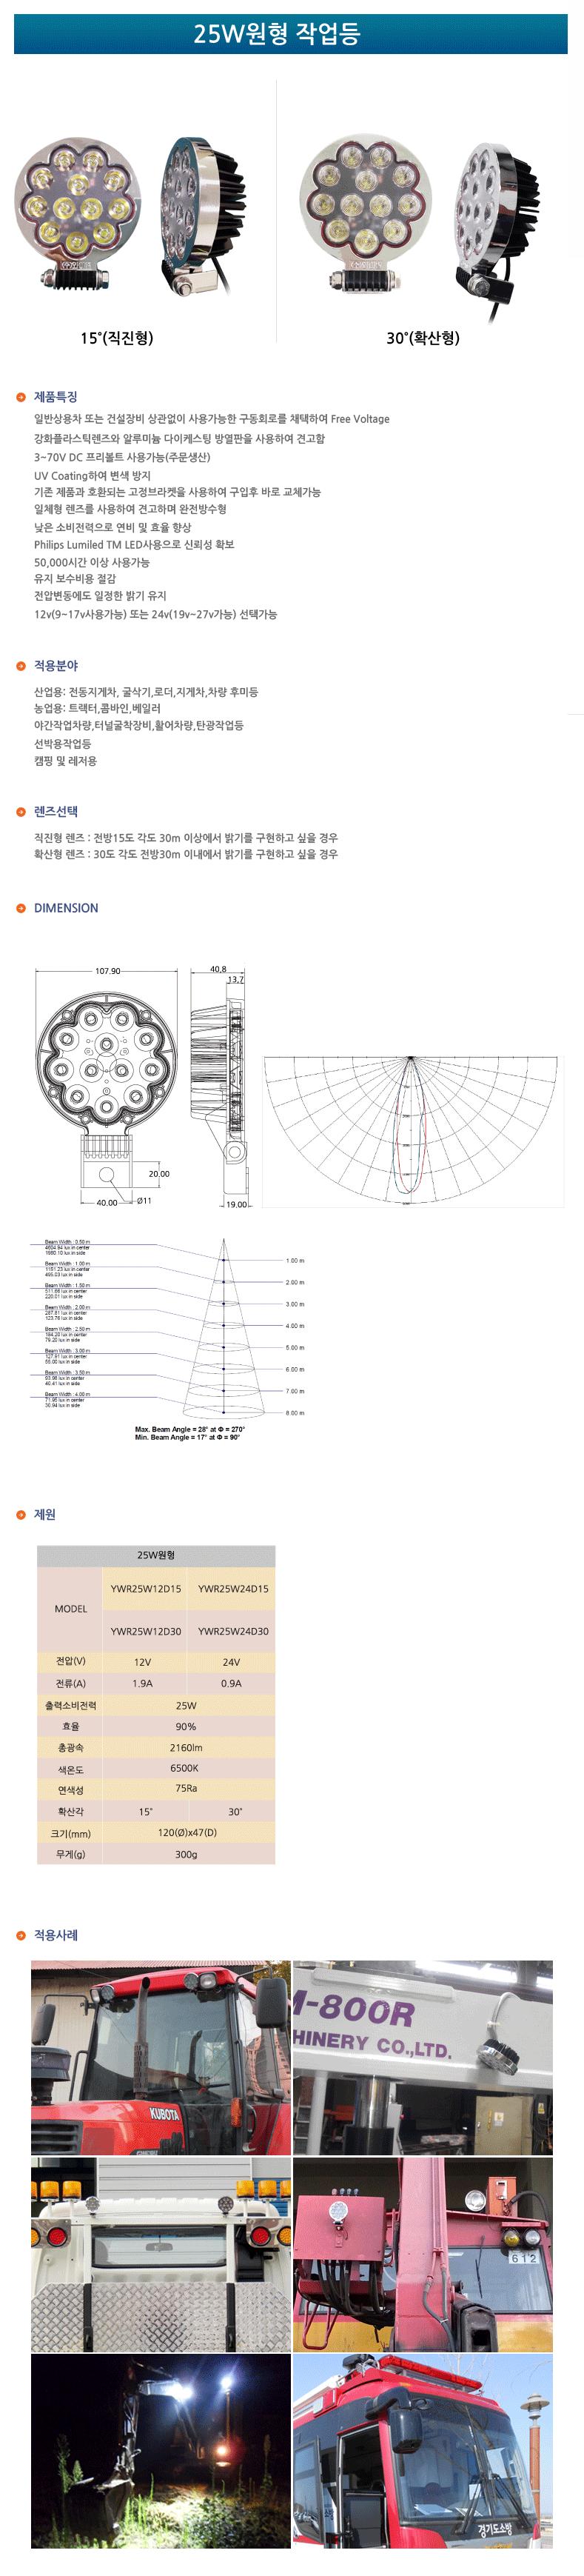 (주)와이엘 LED 원형 작업등 YWR25W-Series